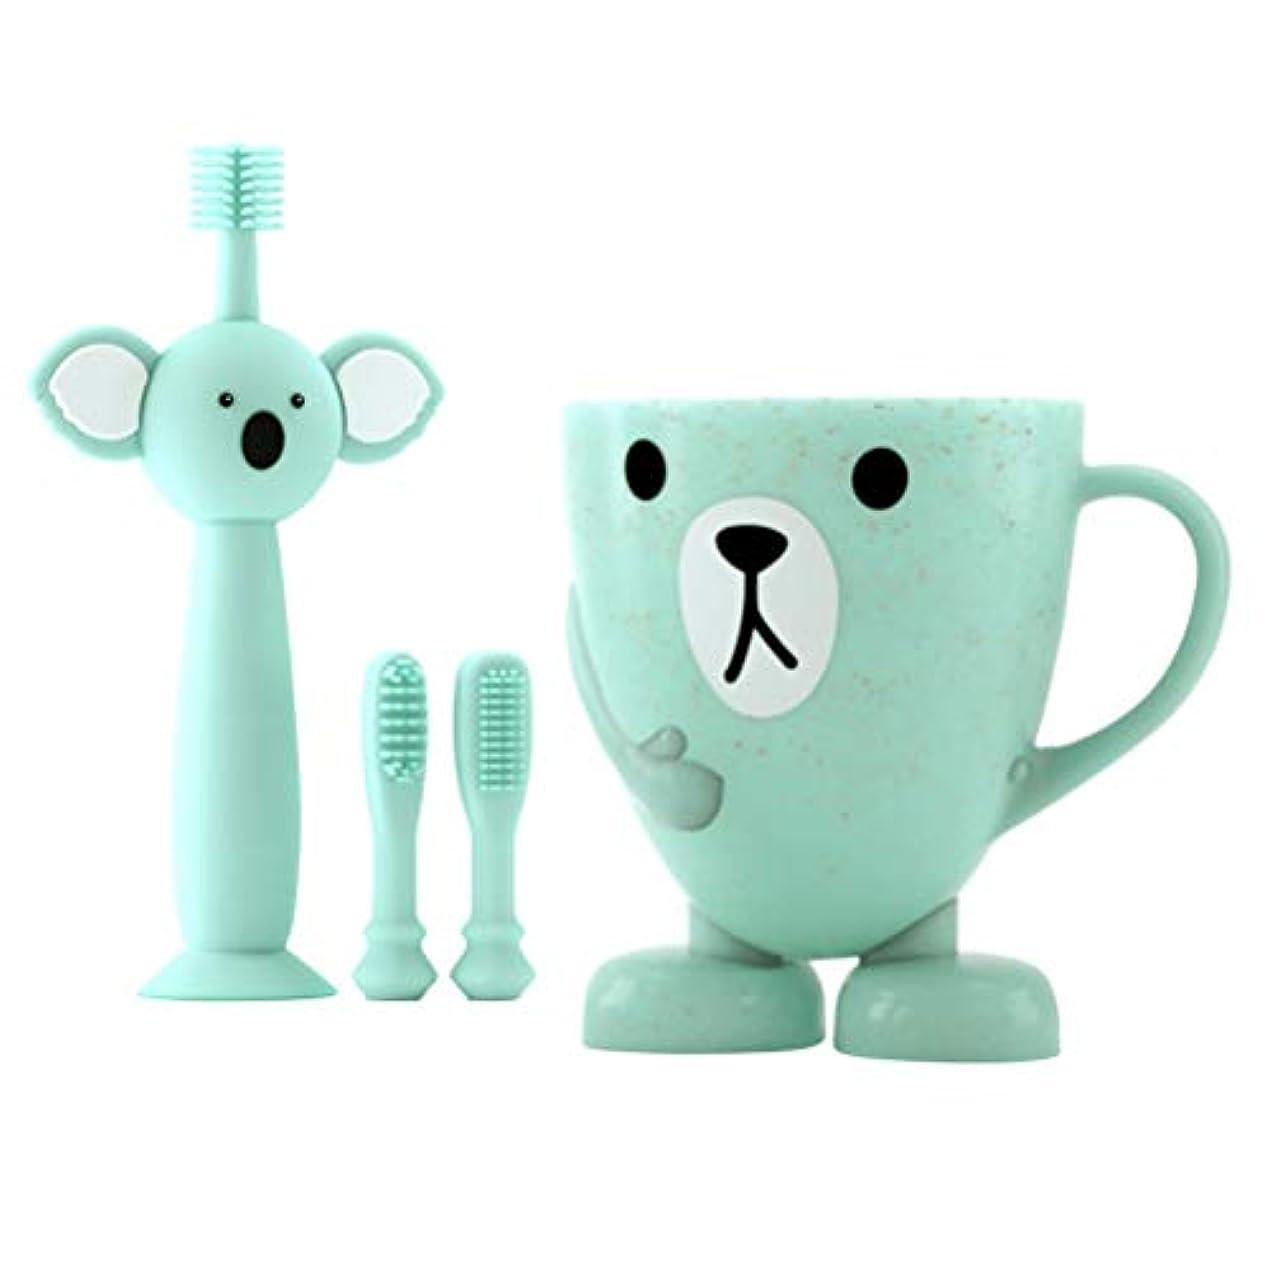 一過性旅行アナロジーTOYANDONA 赤ちゃんの歯のクリーニングセット幼児シリコン歯ブラシ2個付き交換用ブラシヘ??ッドカップ4個